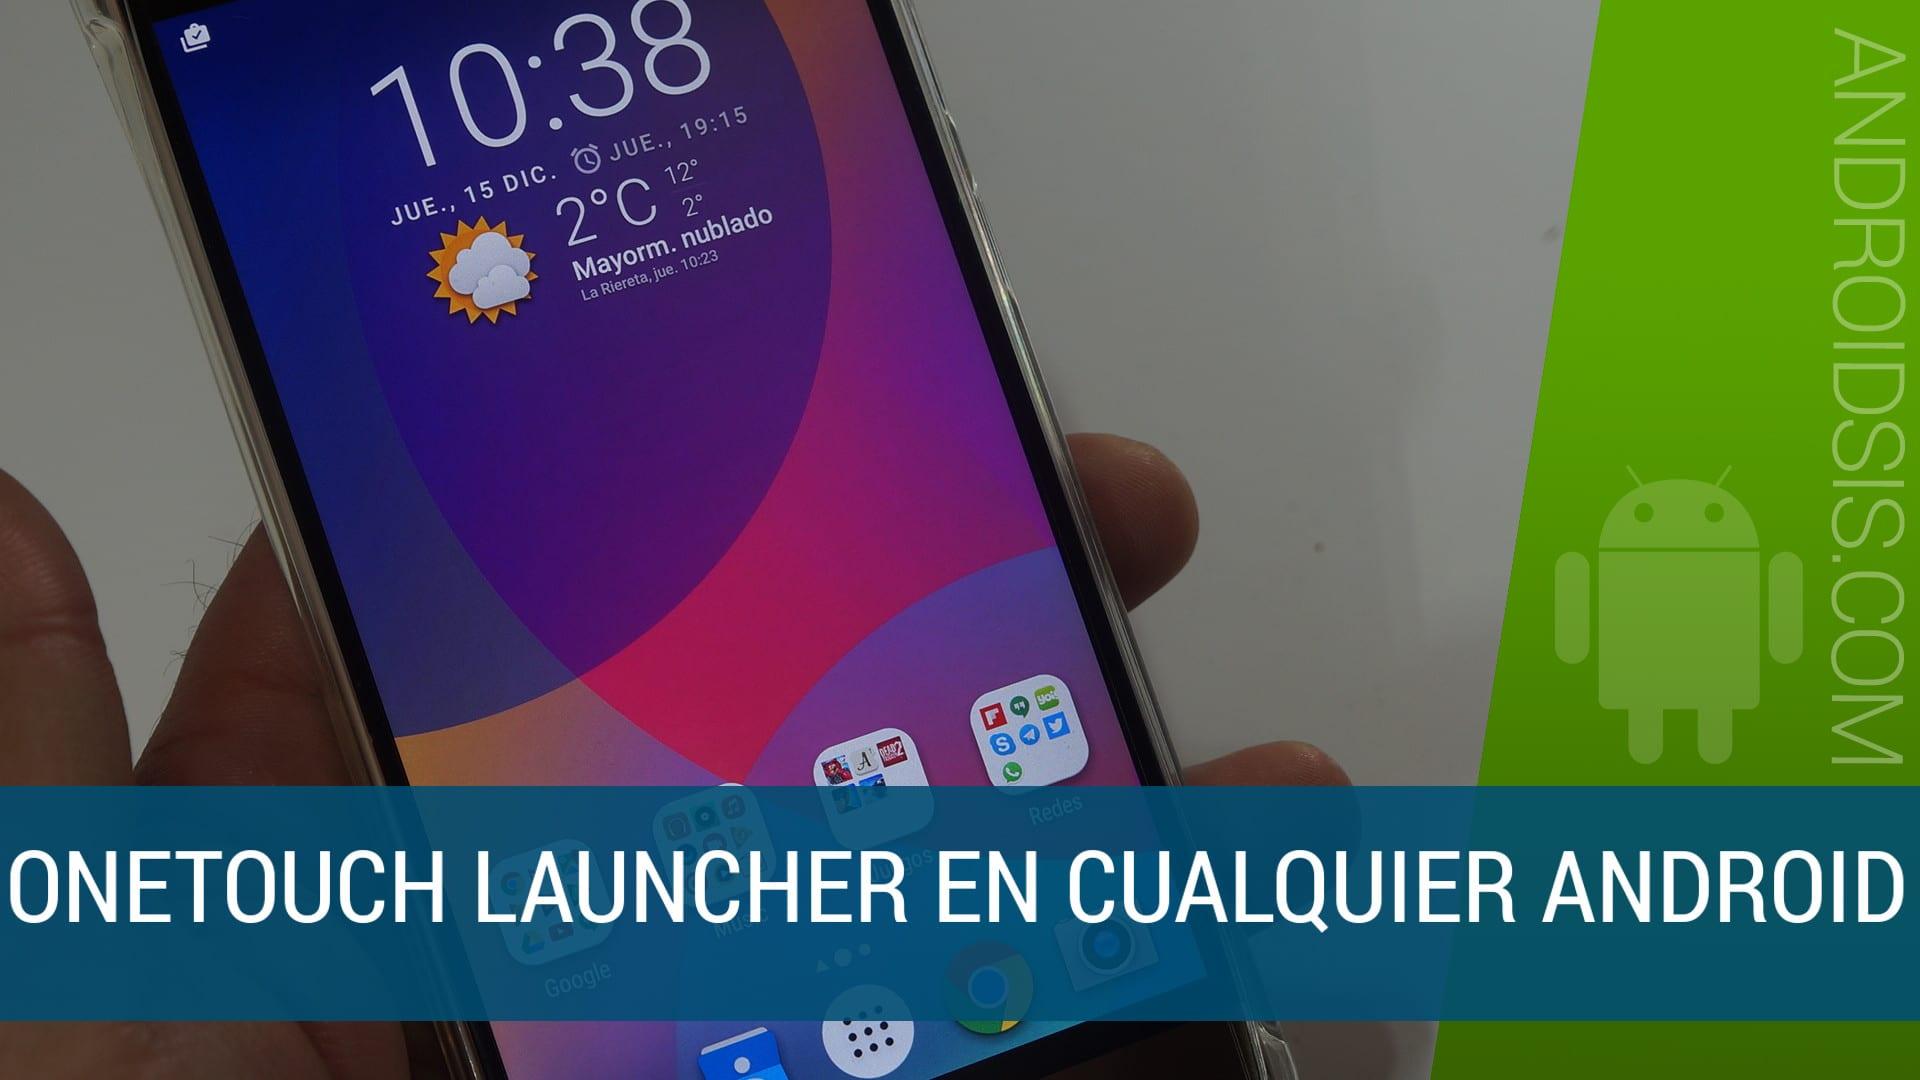 Cómo instalar Onetouch Launcher de Alcatel en cualquier Android